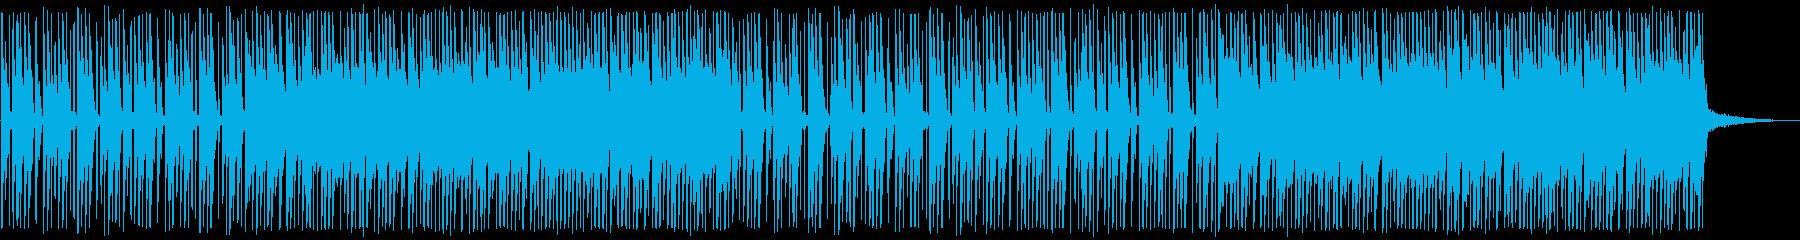 怪しい/潜入_No487_1の再生済みの波形